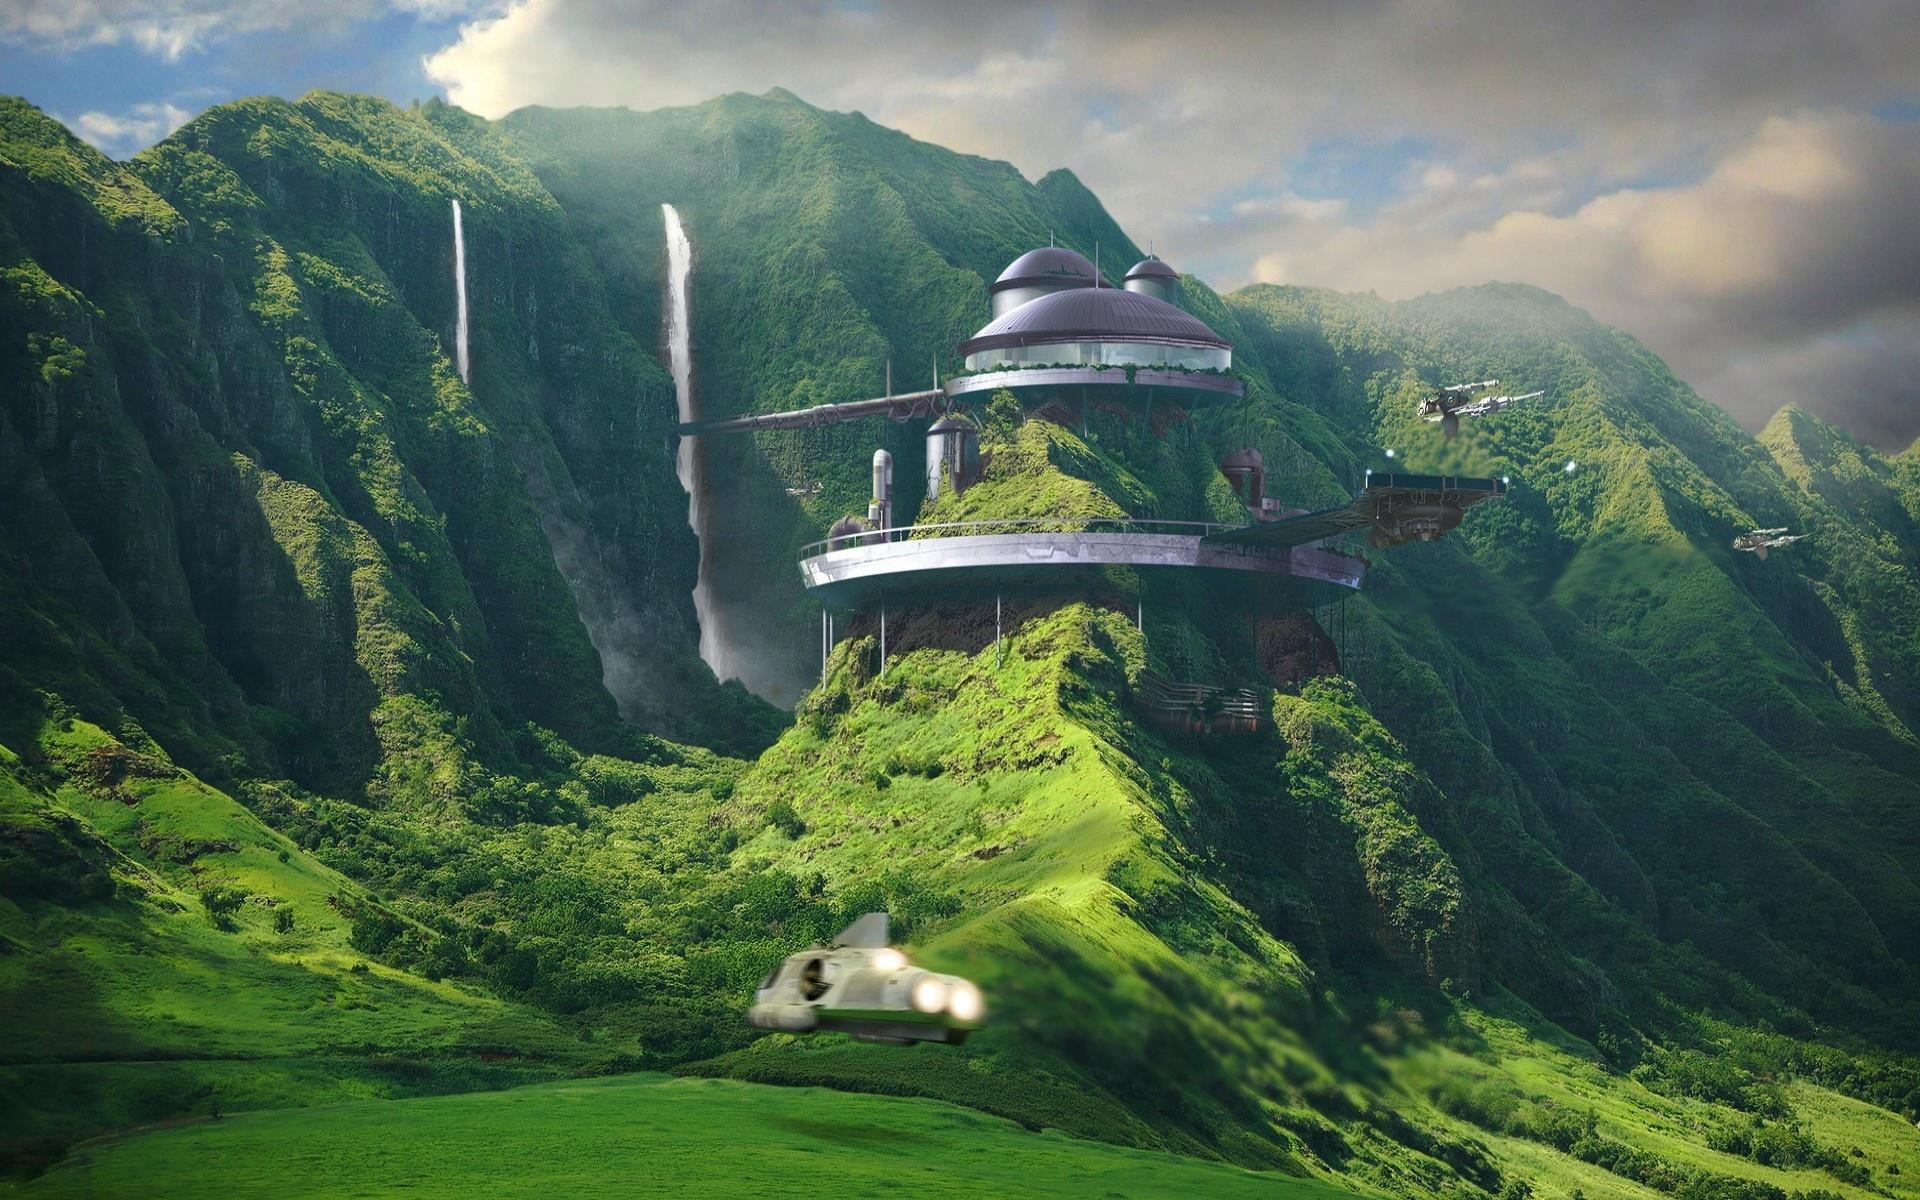 Sci Fi City 1920x1200